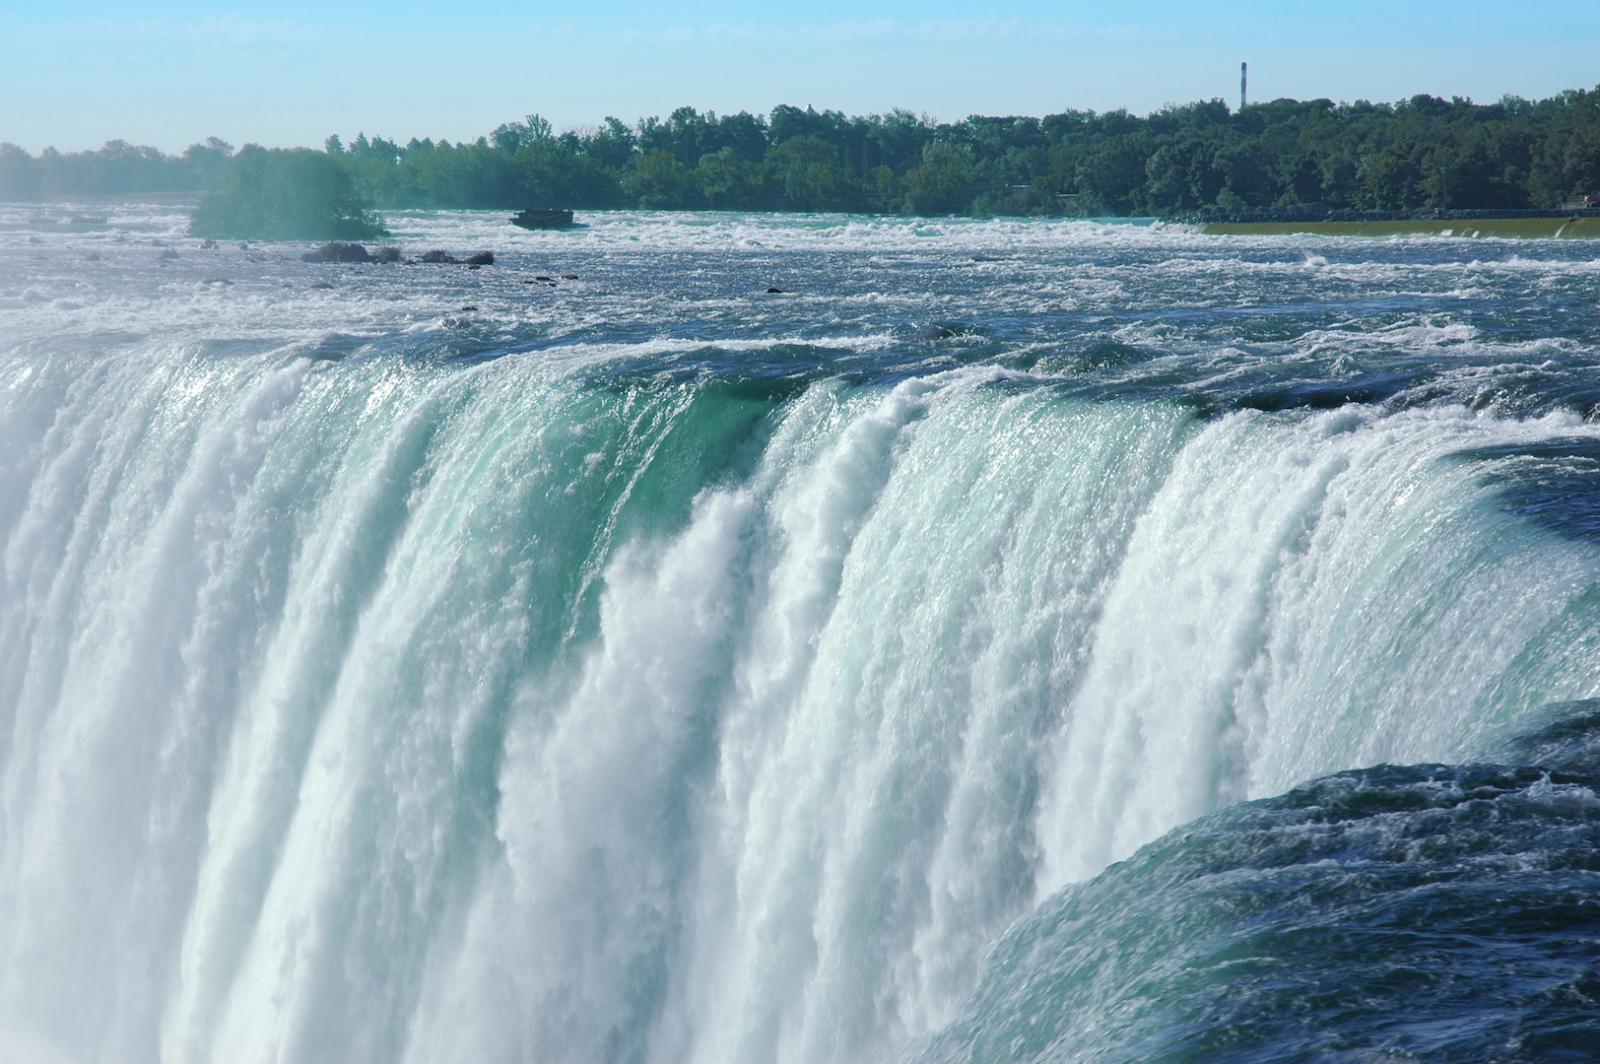 Lohnenswert? Ein Tagesausflug zu den Niagara Fällen